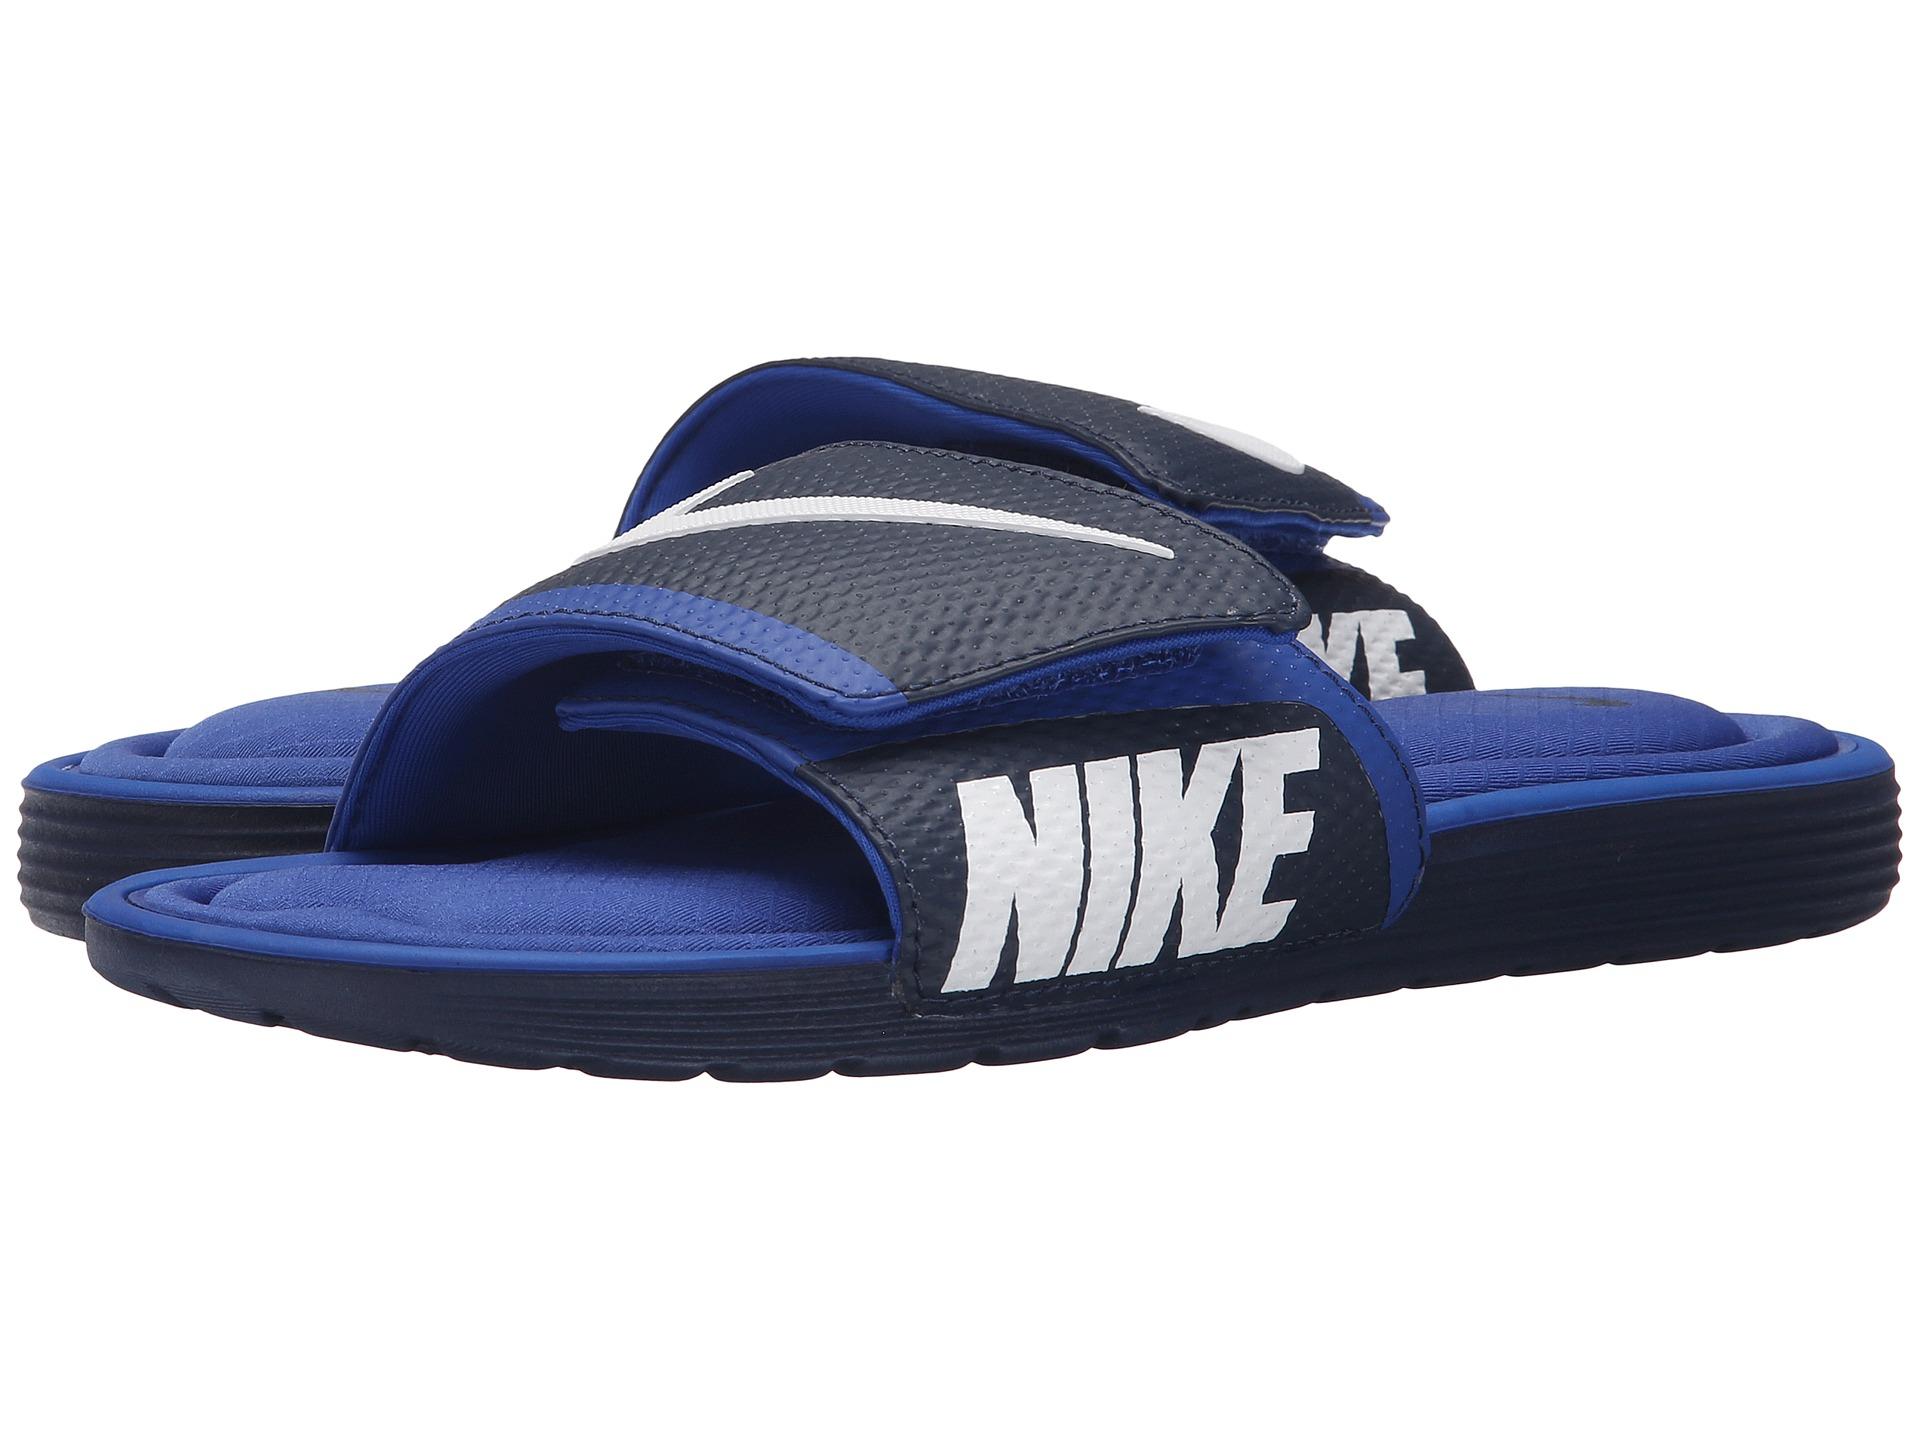 c1f4c406b4f Lyst - Nike Solarsoft Comfort Slide in Blue for Men